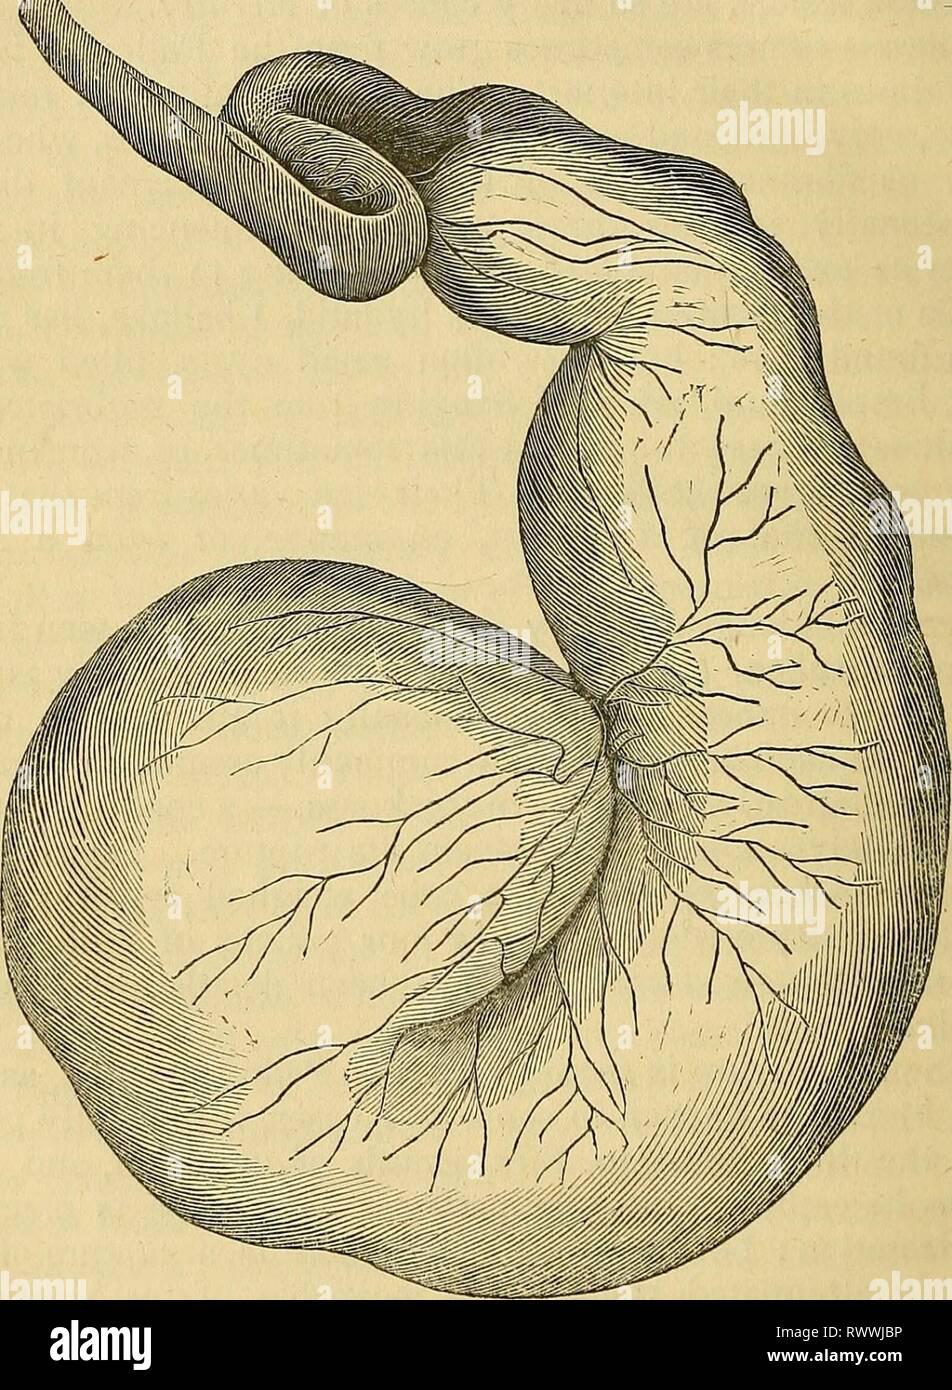 Elements of pathological anatomy (1843) - Stock Image